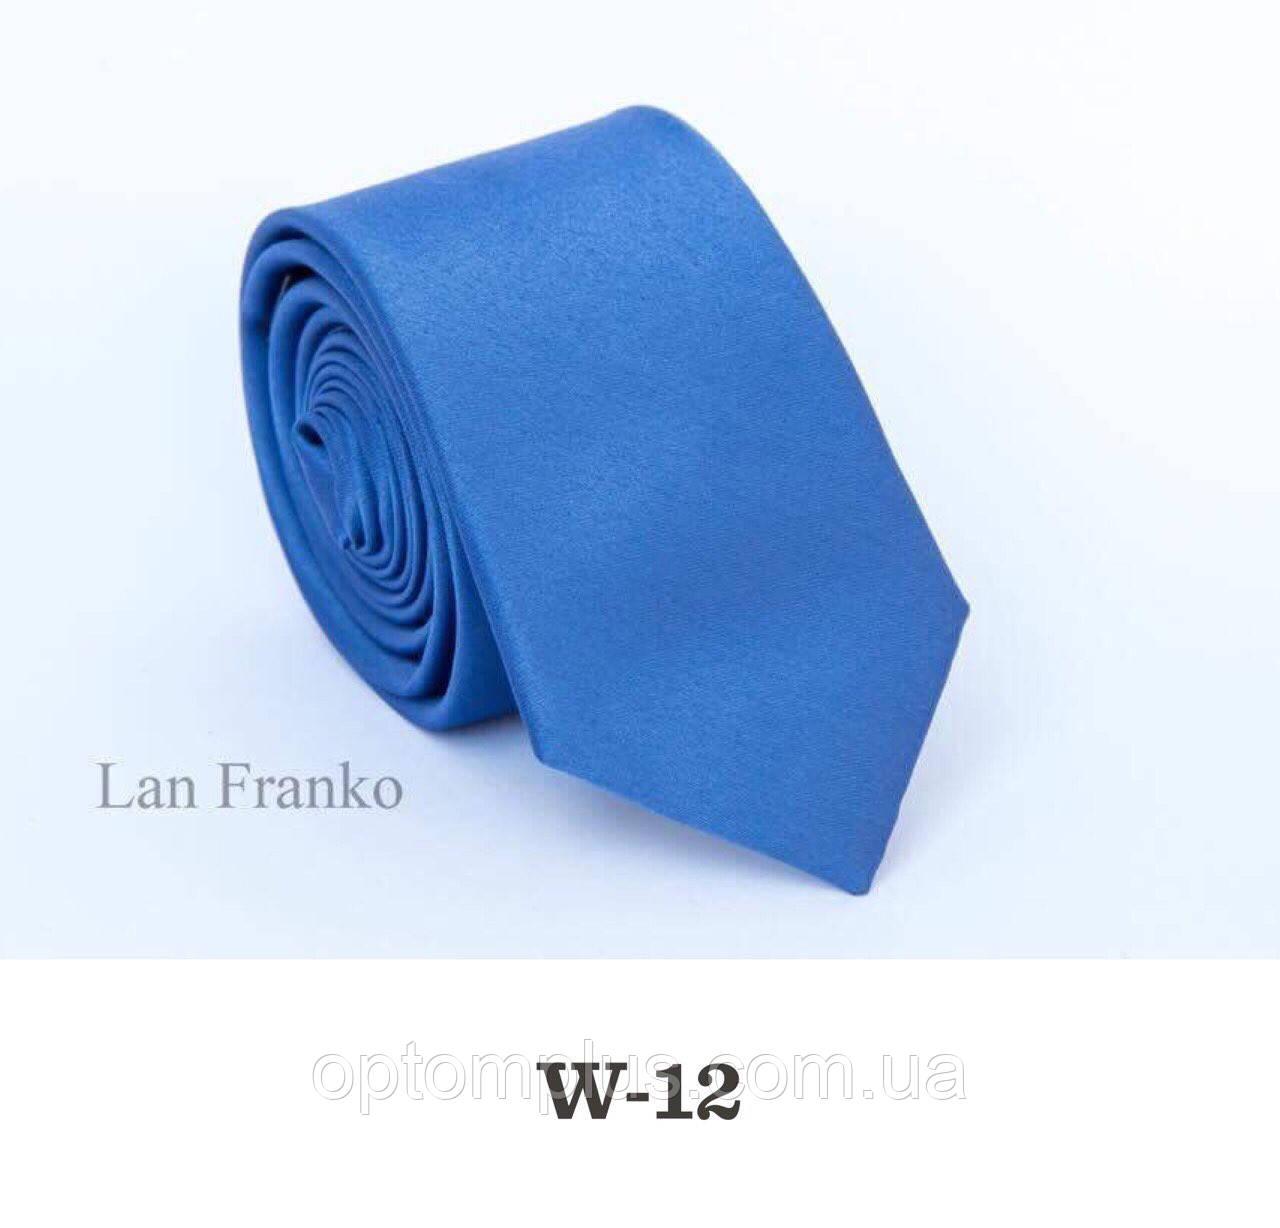 Краватка чоловічий широкий однотонний від складу оптом і в роздріб 7 км Одеса